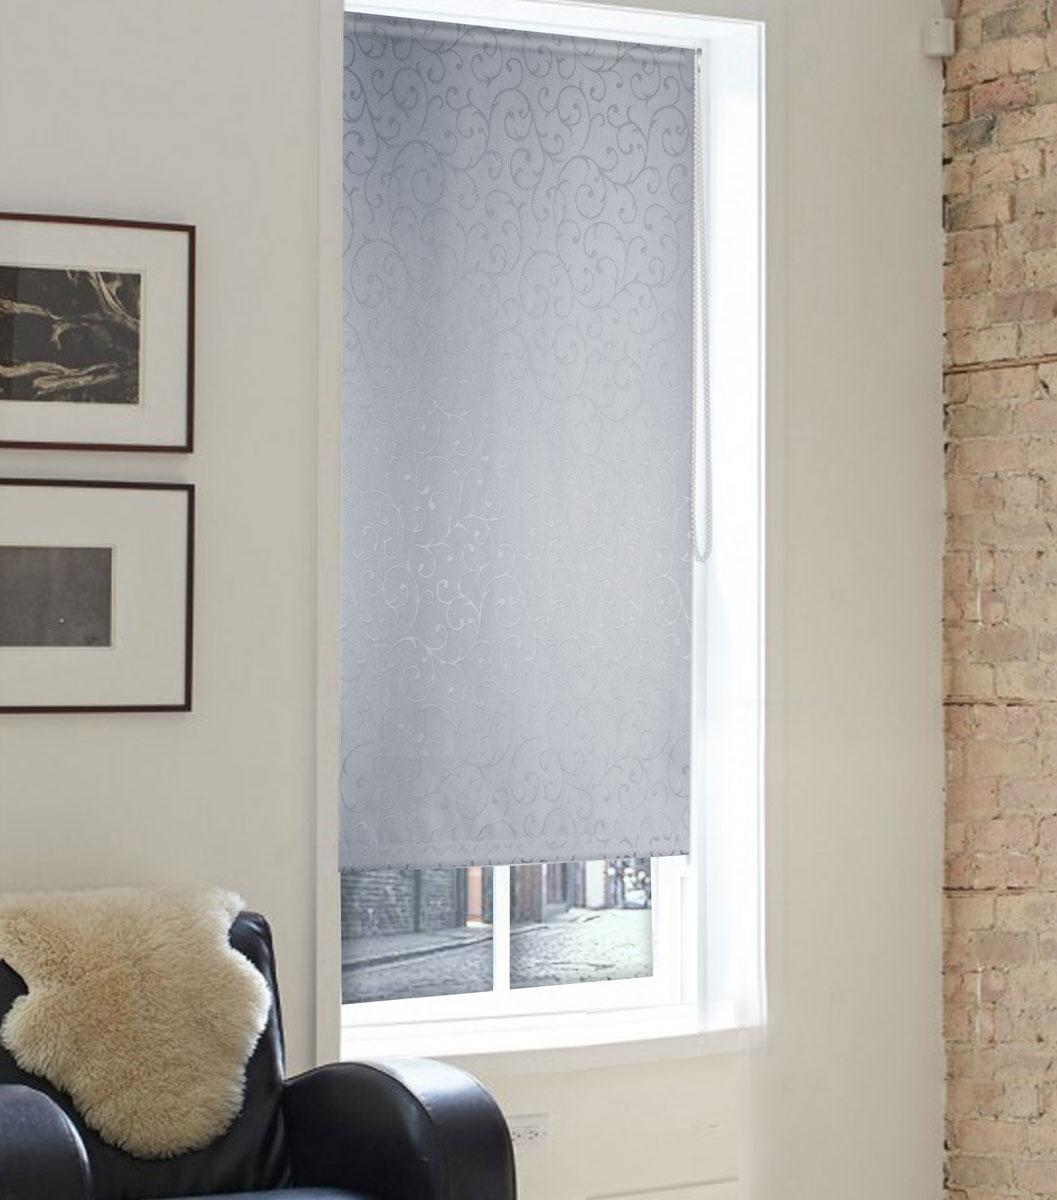 Штора рулонная Эскар Миниролло. Агат, фактурная, цвет: серый, ширина 43 см, высота 160 смS03301004Рулонная штора Эскар Миниролло. Агат выполнена из высокопрочной ткани, которая сохраняет свой размер даже при намокании. Ткань не выцветает и обладает отличной цветоустойчивостью.Миниролло - это подвид рулонных штор, который закрывает не весь оконный проем, а непосредственно само стекло. Такие шторы крепятся на раму без сверления при помощи зажимов или клейкой двухсторонней ленты. Окно остается на гарантии, благодаря монтажу без сверления. Такая штора станет прекрасным элементом декора окна и гармонично впишется в интерьер любого помещения.